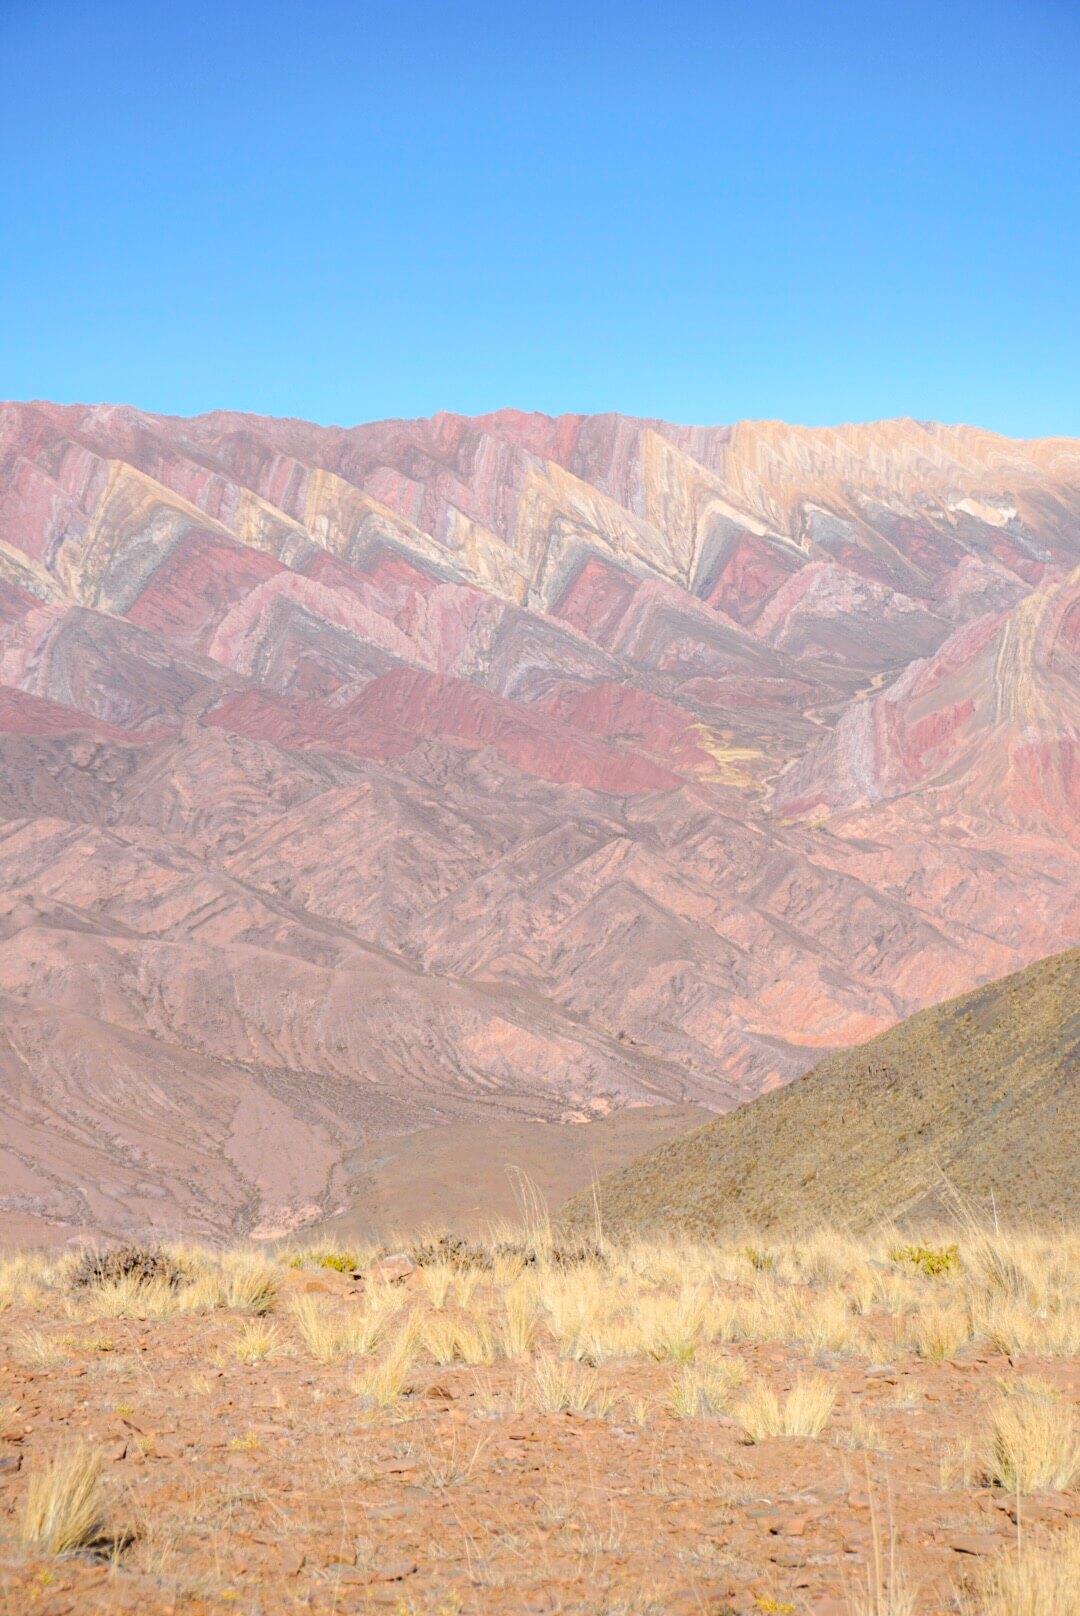 montagne aux 14 couleurs argentine el hornocal